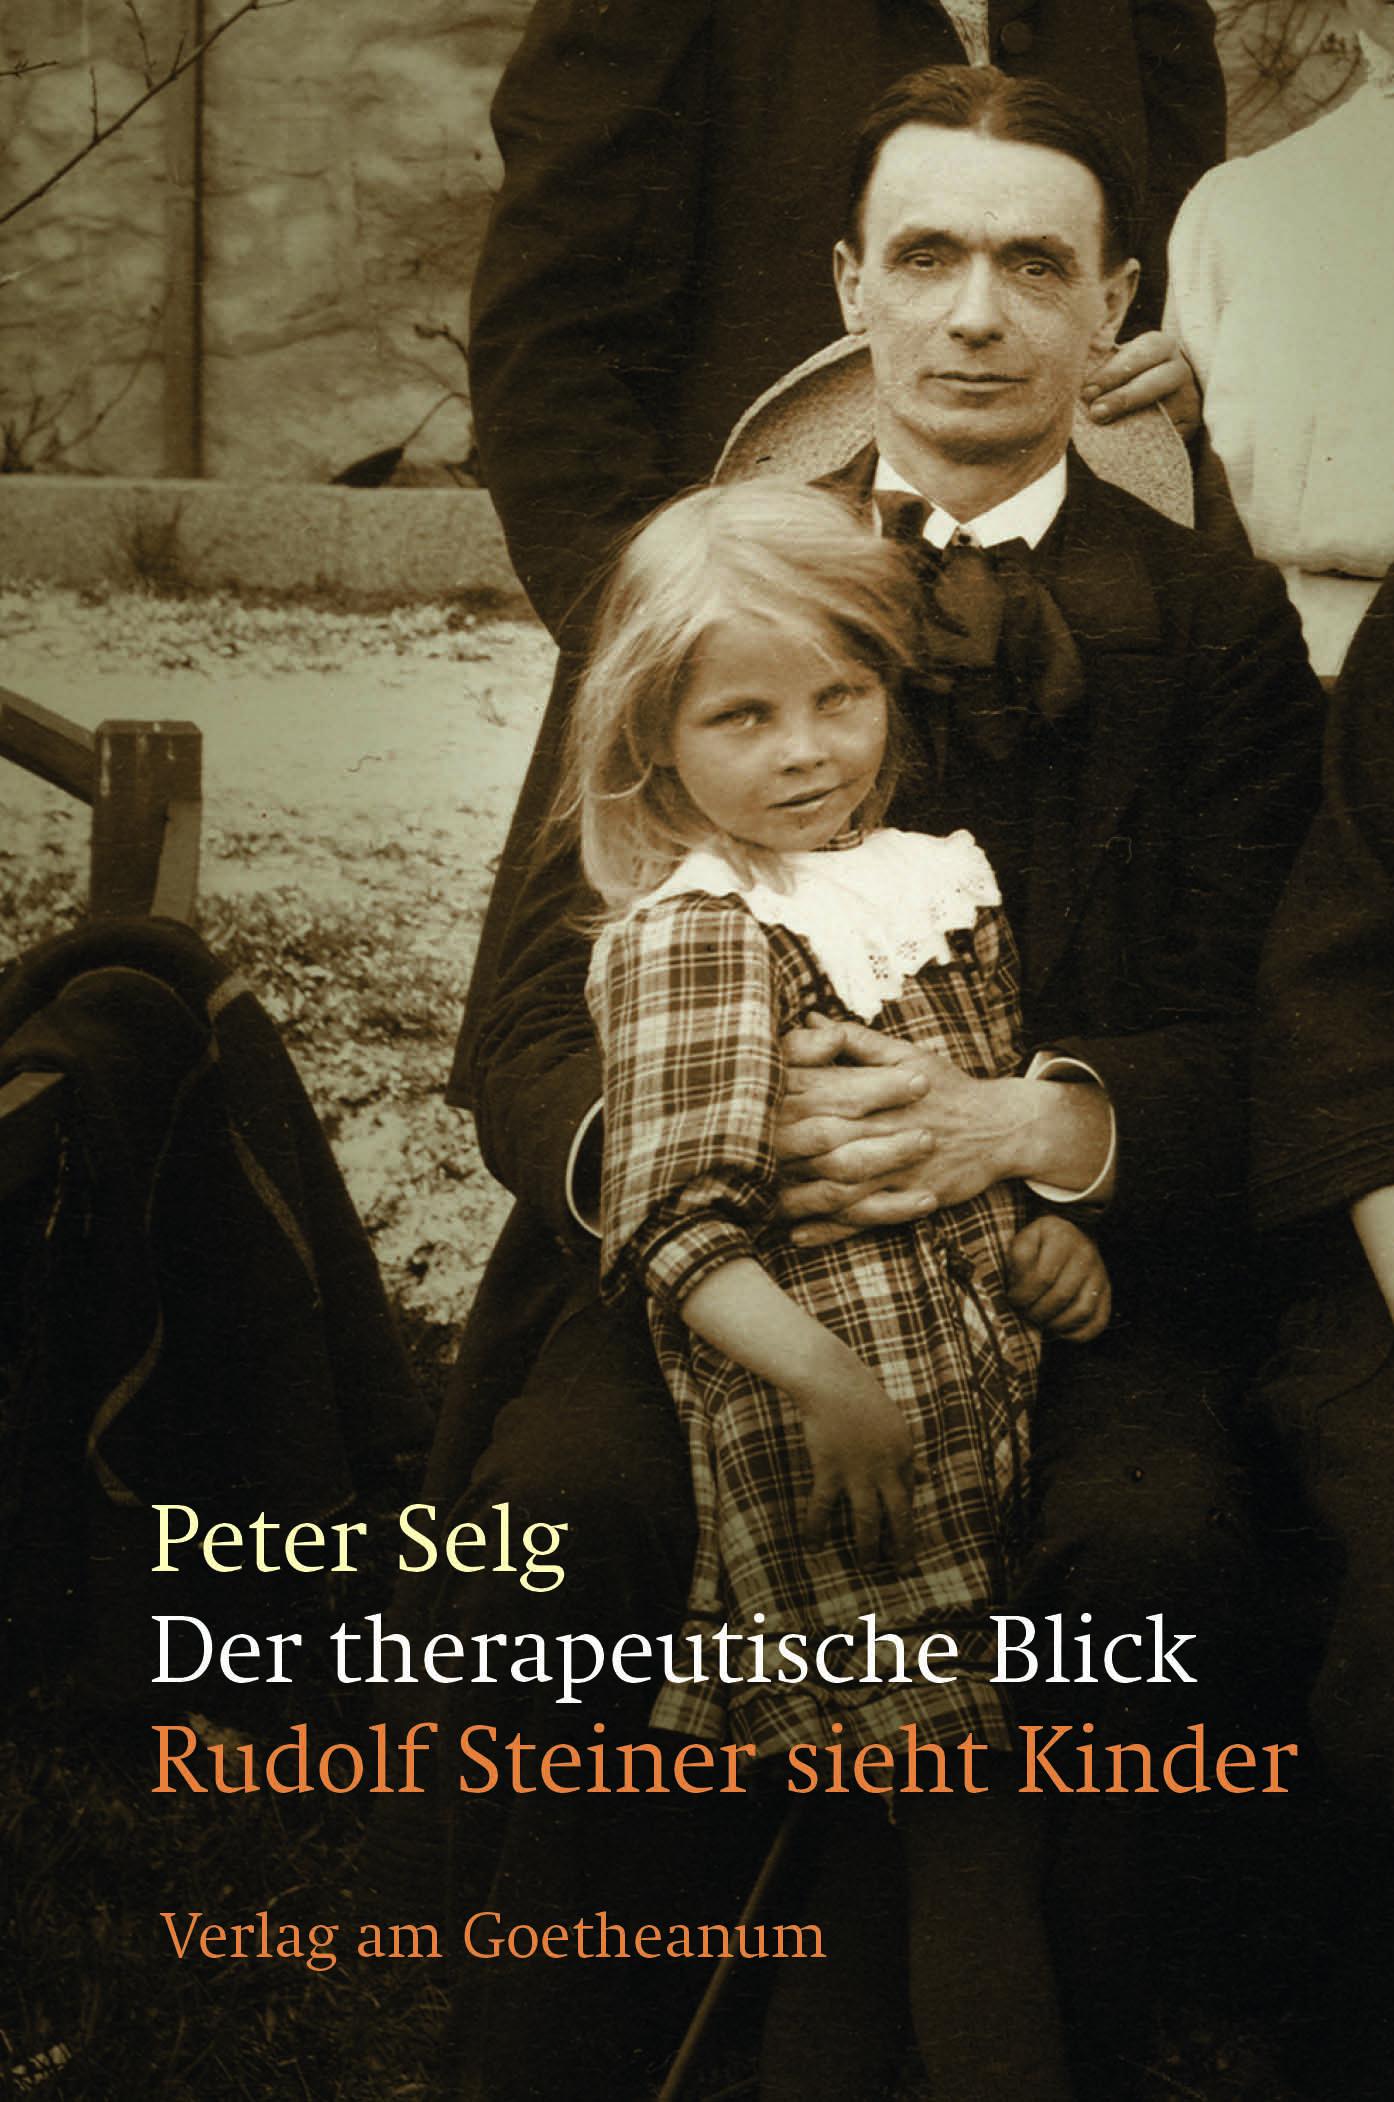 Der therapeutische Blick Peter Selg